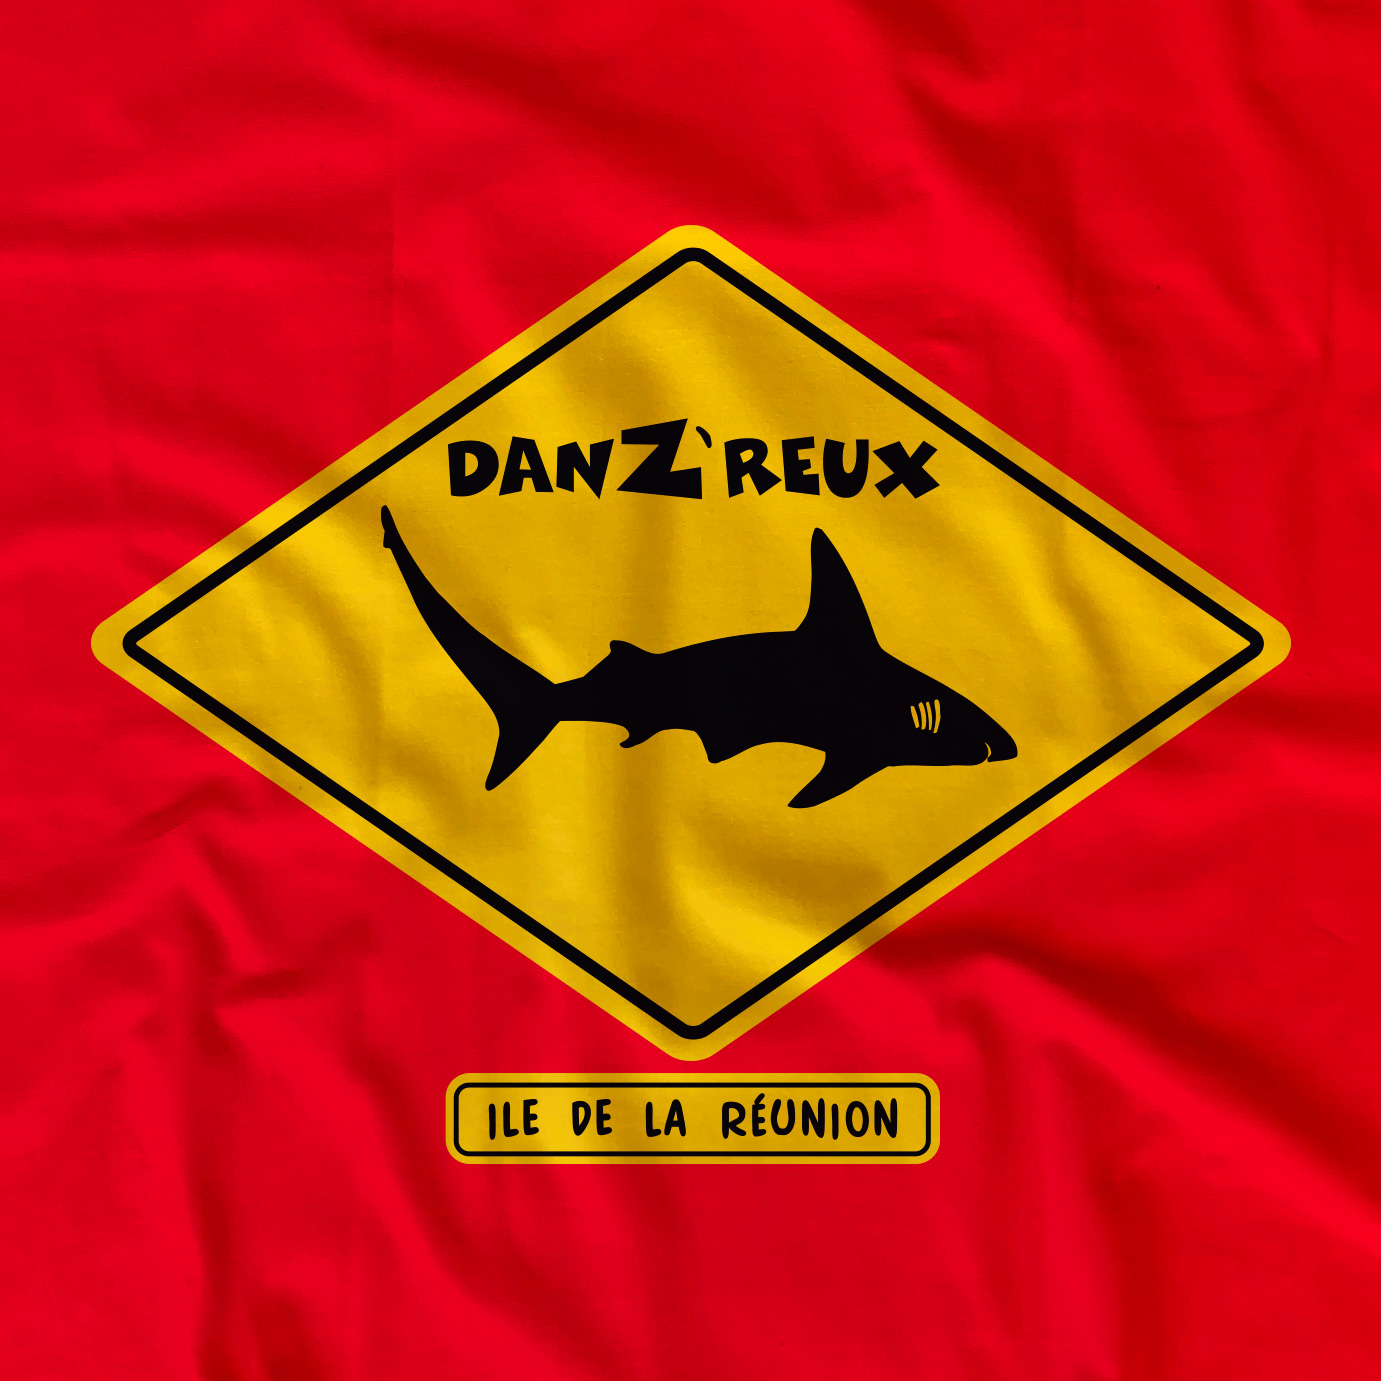 Danzreux-gros-plan